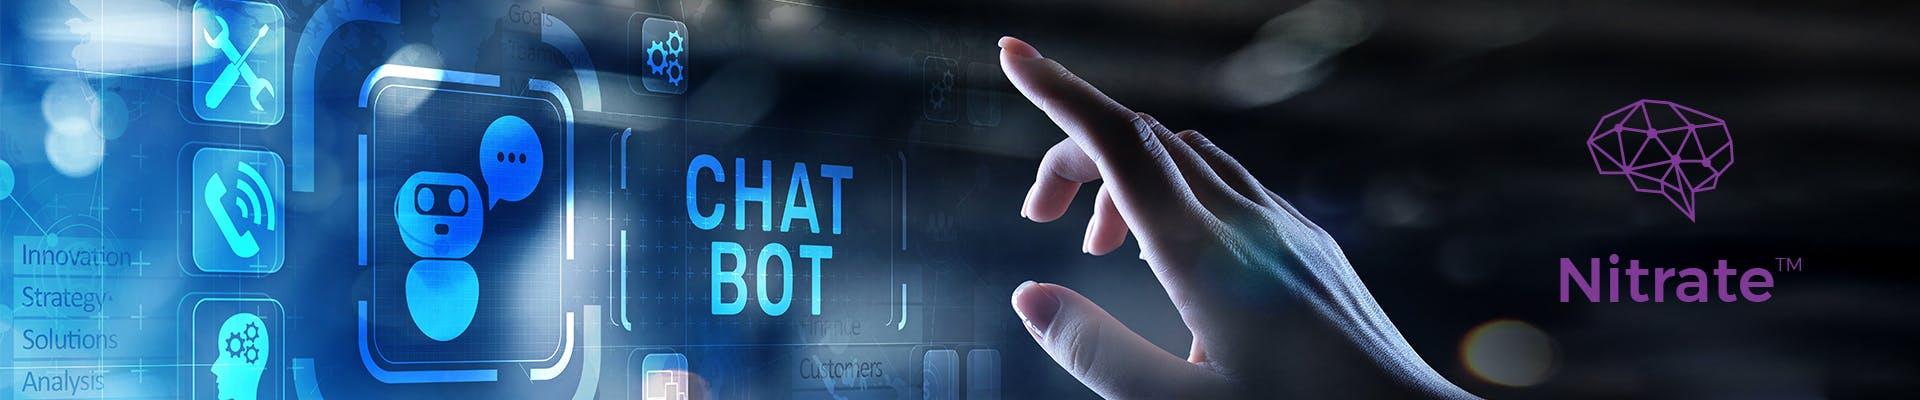 Nitrate Chatbot for DevOps